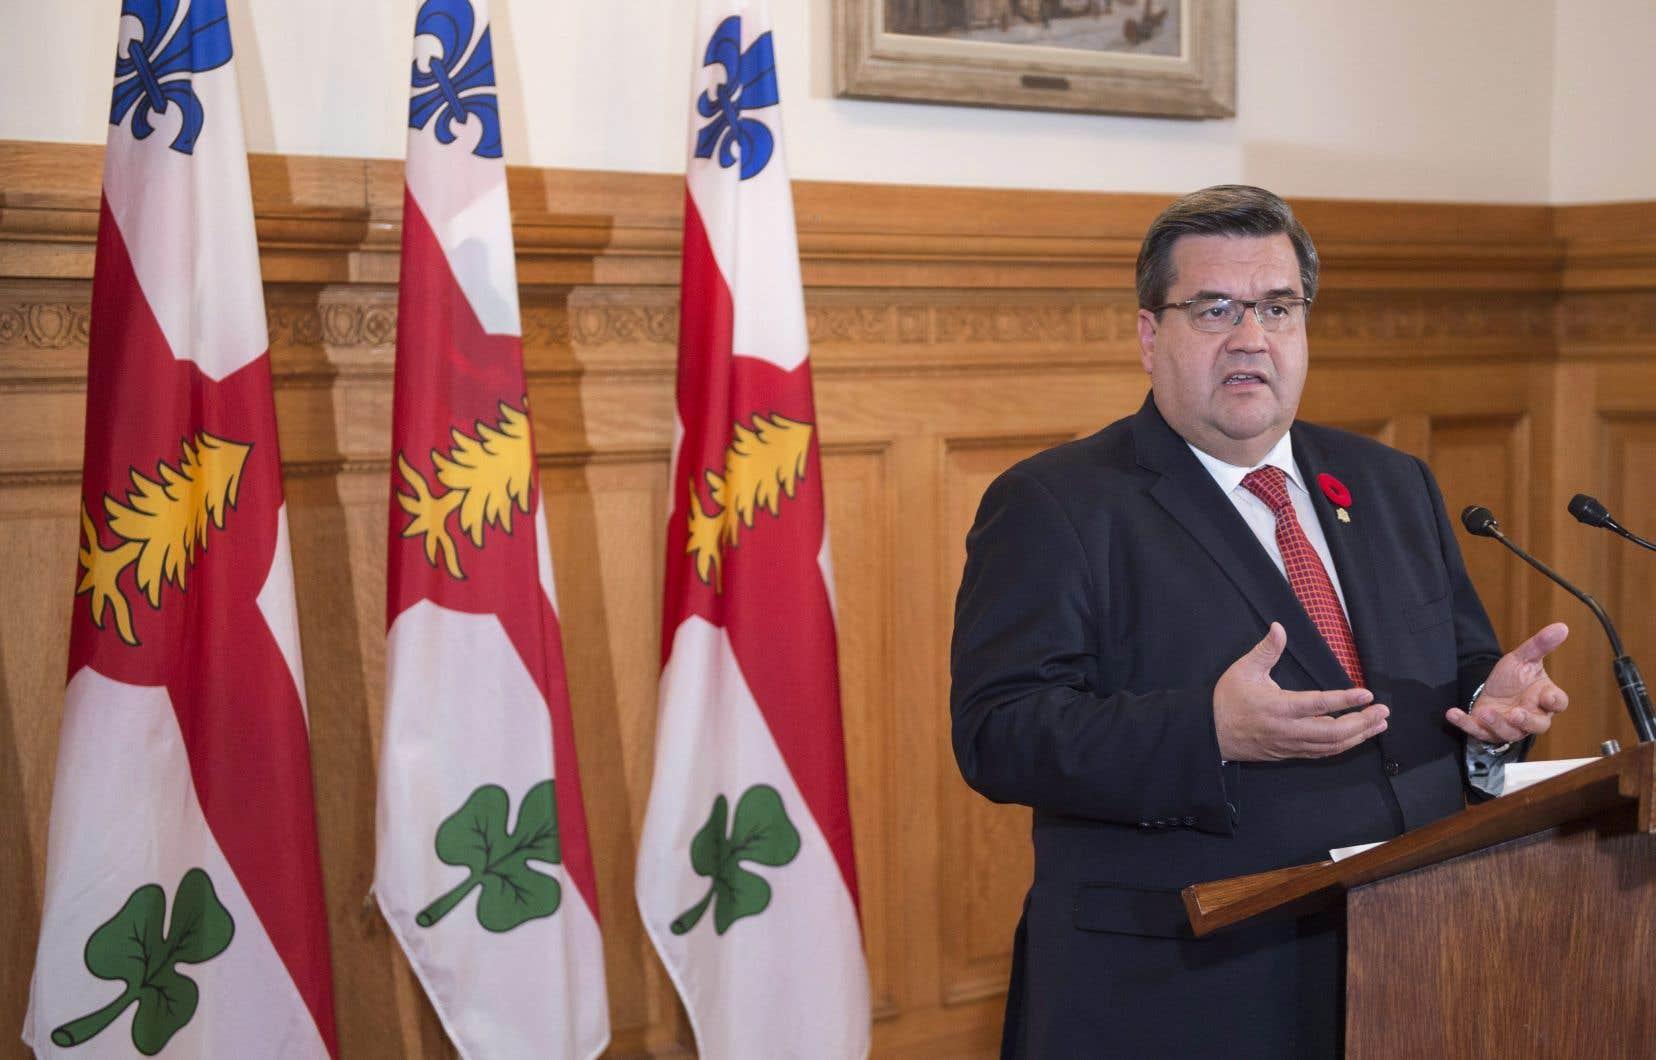 «Le rêve est toujours vivant», a déclaré Denis Coderre, malgré sa défaite à la mairie de Montréal.